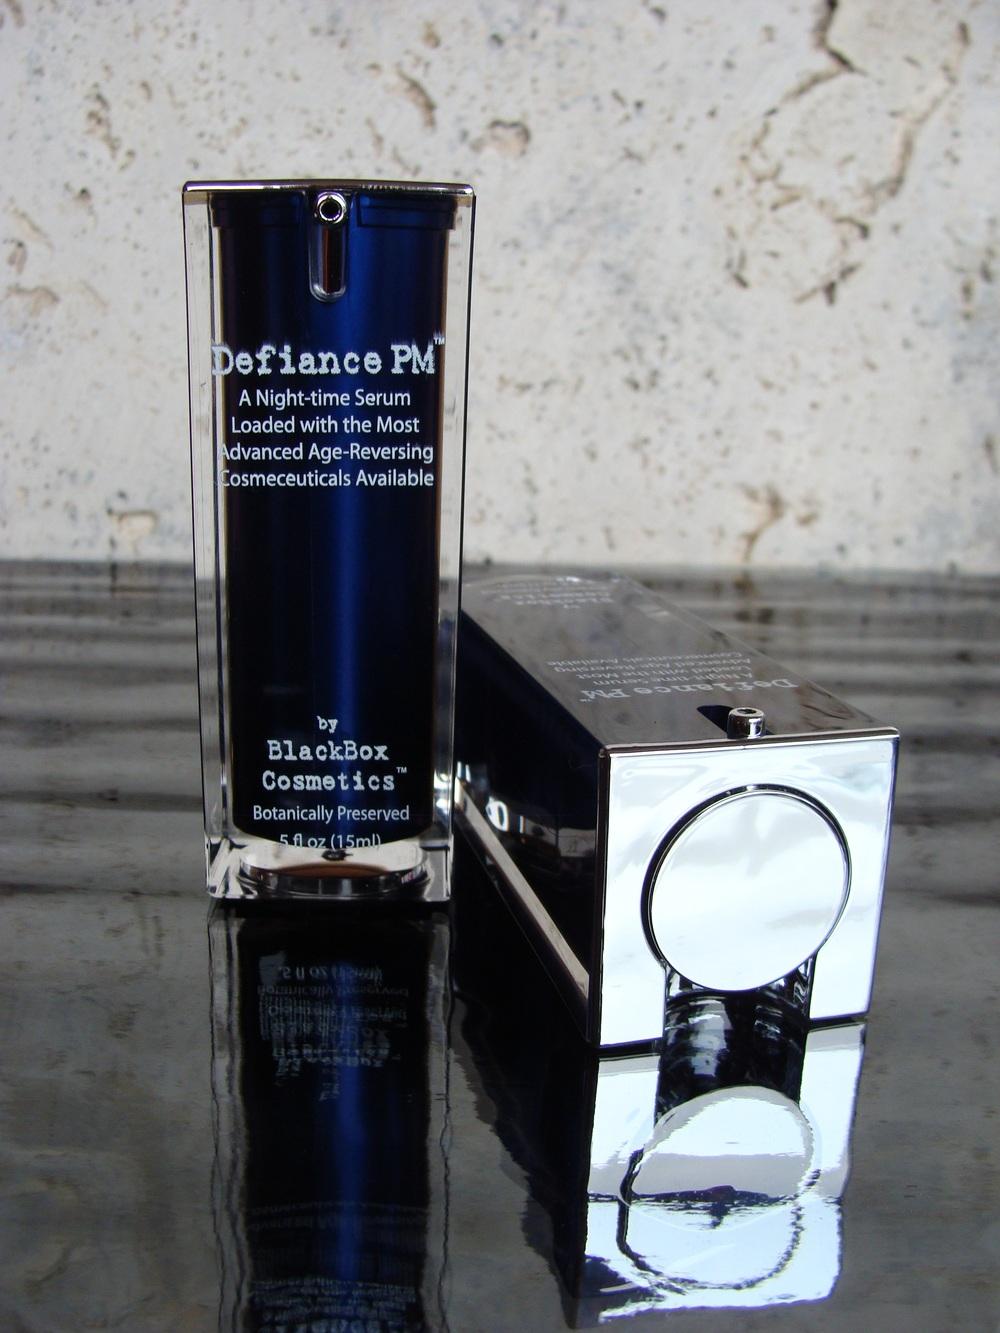 BlackBox Cosmetics Defiance PM